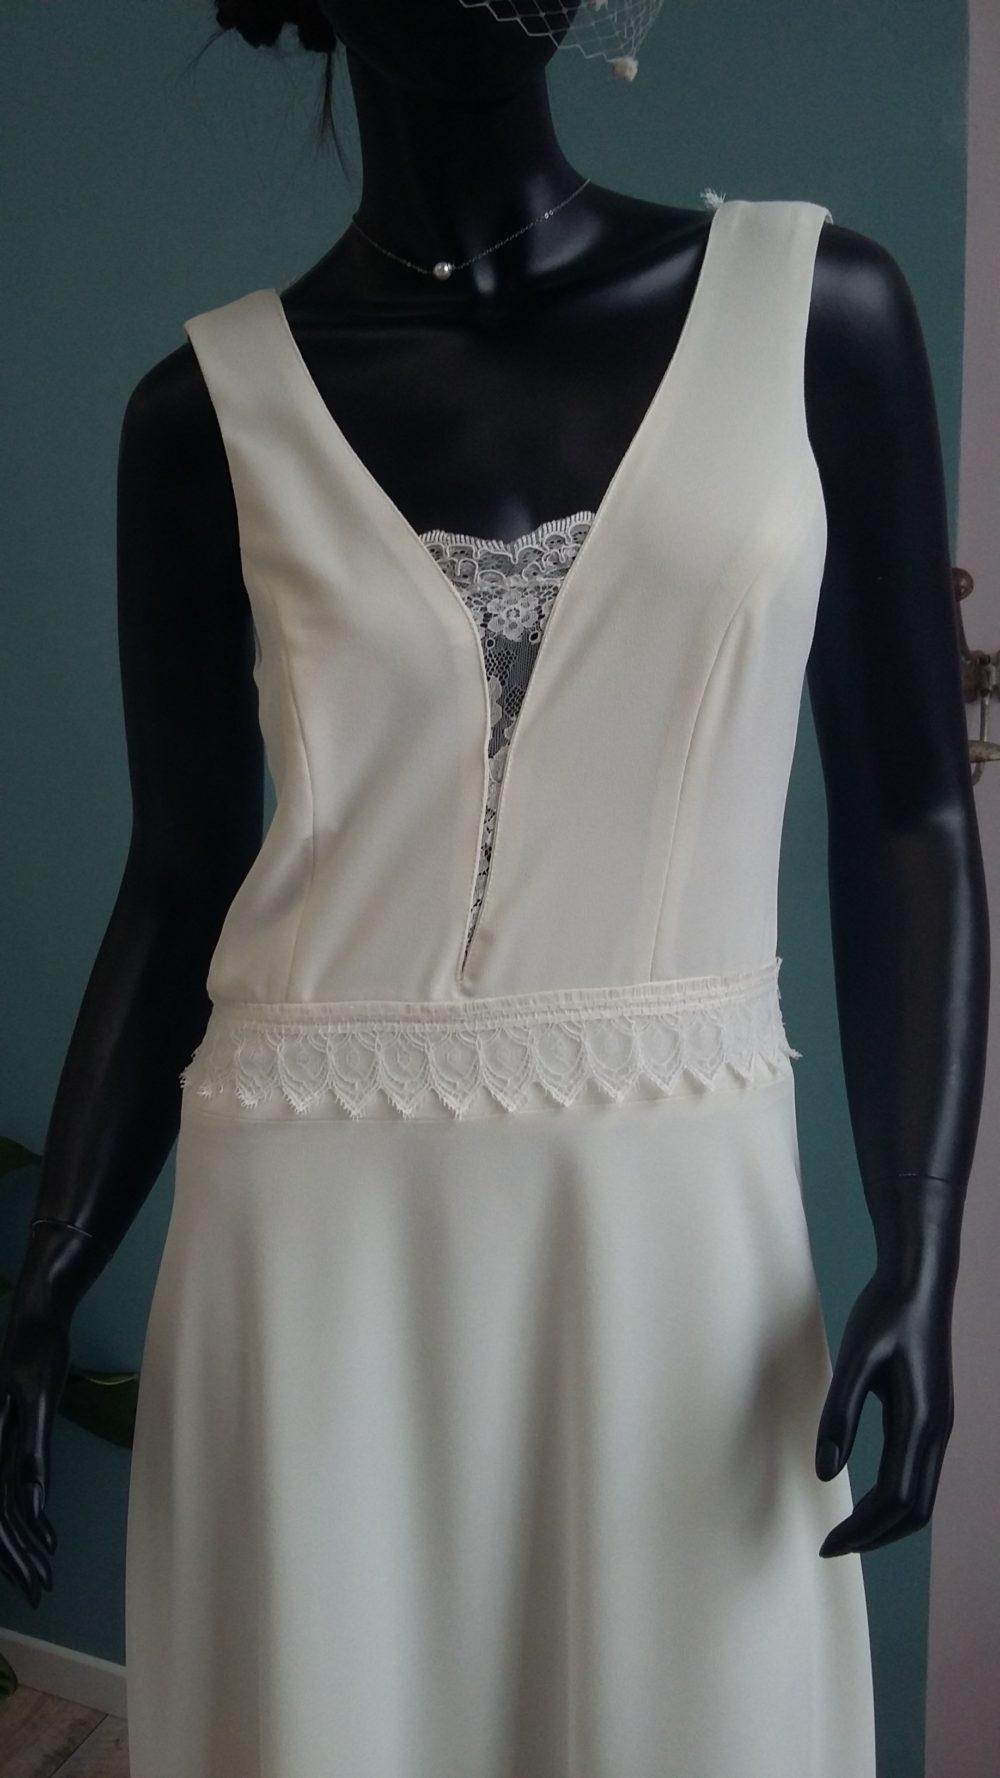 Robe de mariée à domicile - PAULINE - Robe fluide - Boutique de mariage Cholet - Création Unique